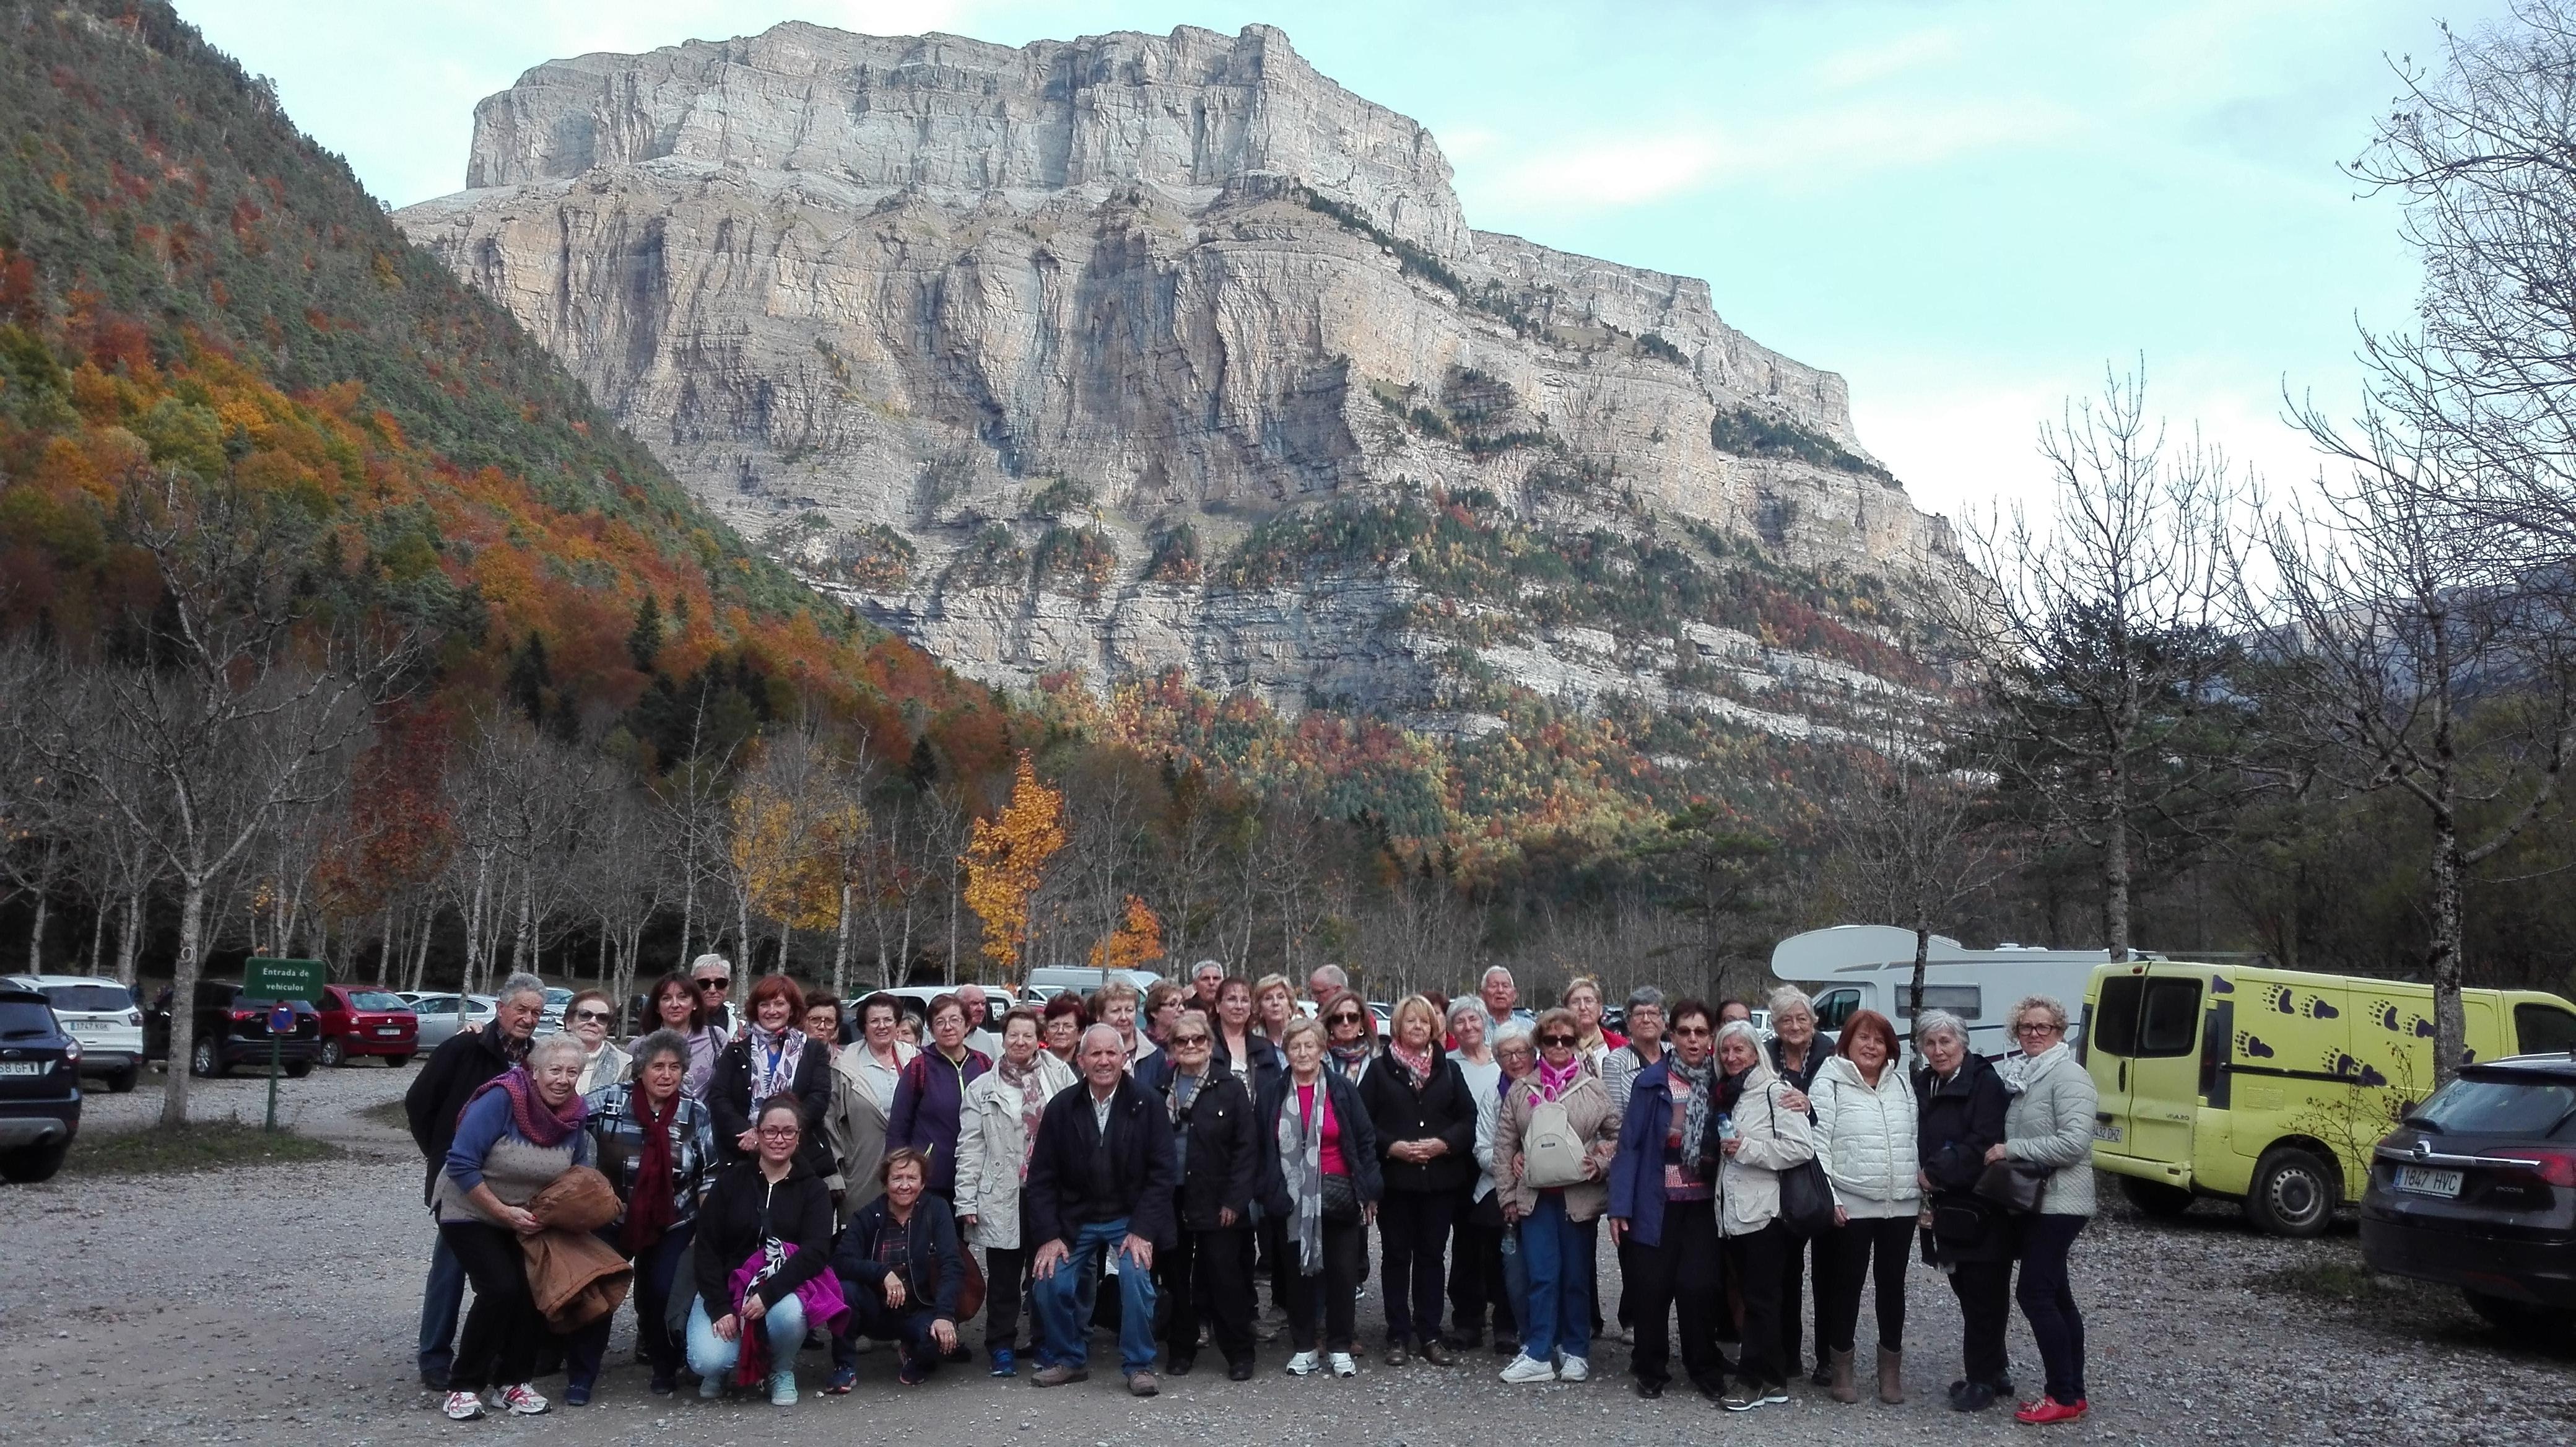 Las asociaciones de la Hoya de Huesca participan en una visita técnica al Parque Nacional de Ordesa y Monte Perdido